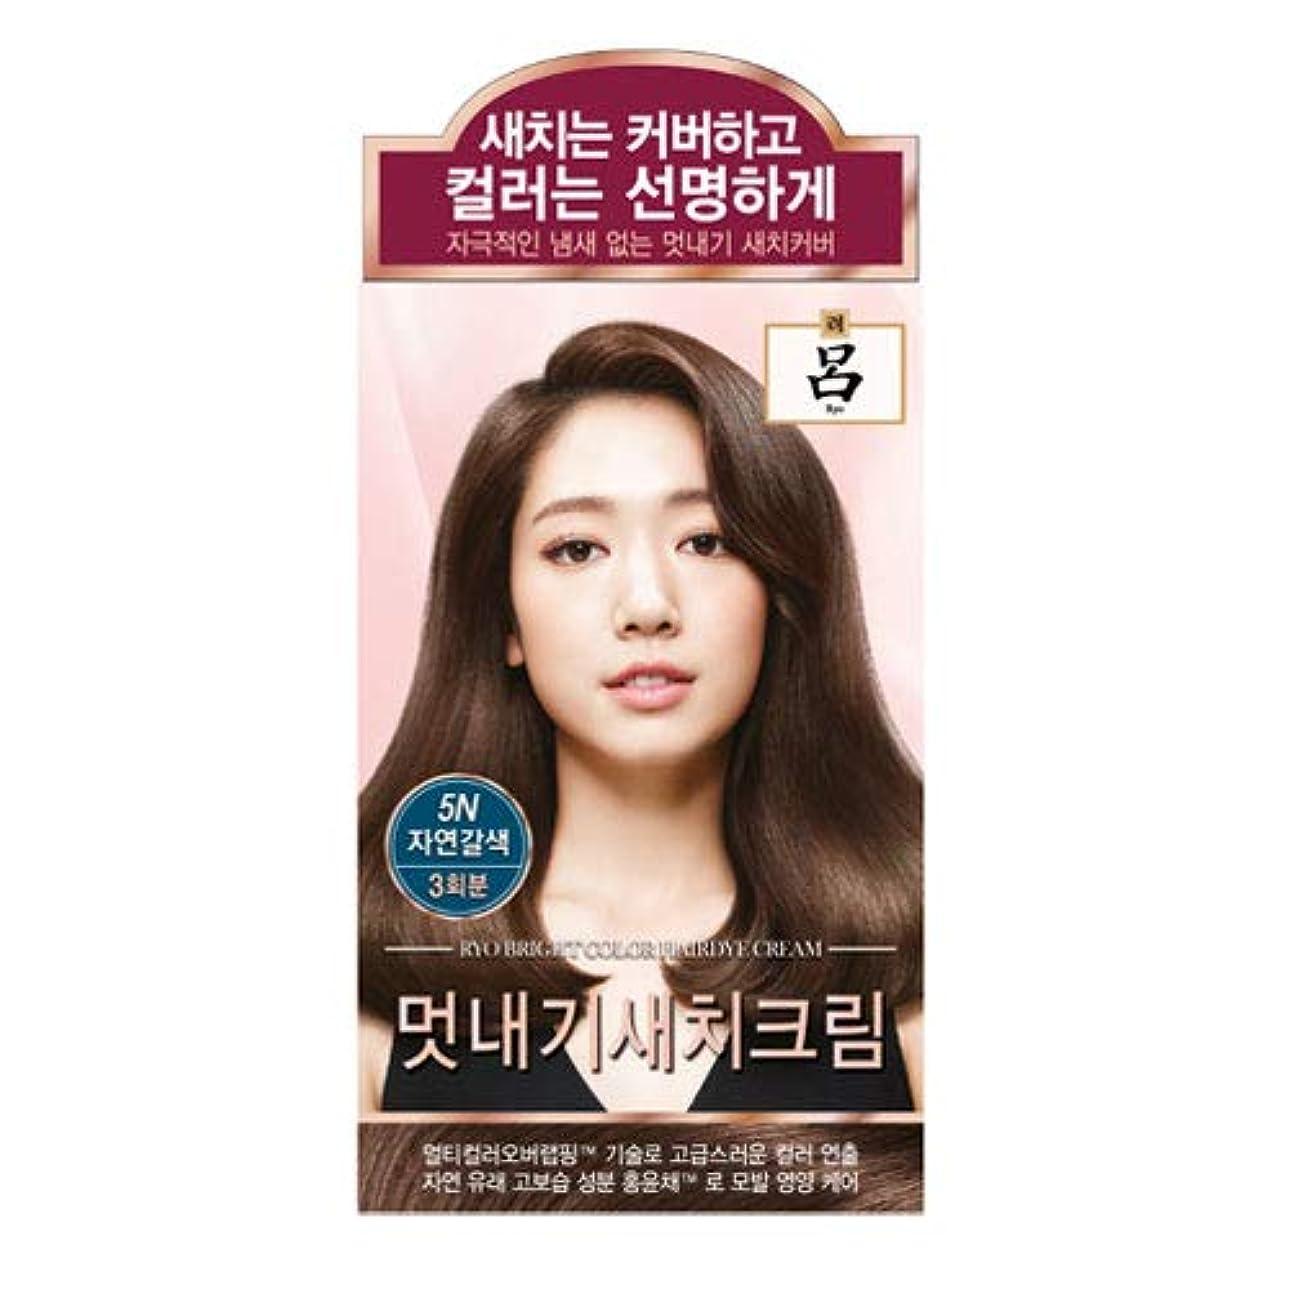 義務経験研究所アモーレパシフィック呂[AMOREPACIFIC/Ryo] ブライトカラーヘアアイクリーム 5N ナチュラルブラウン/Bright Color Hairdye Cream 5N Natural Brown